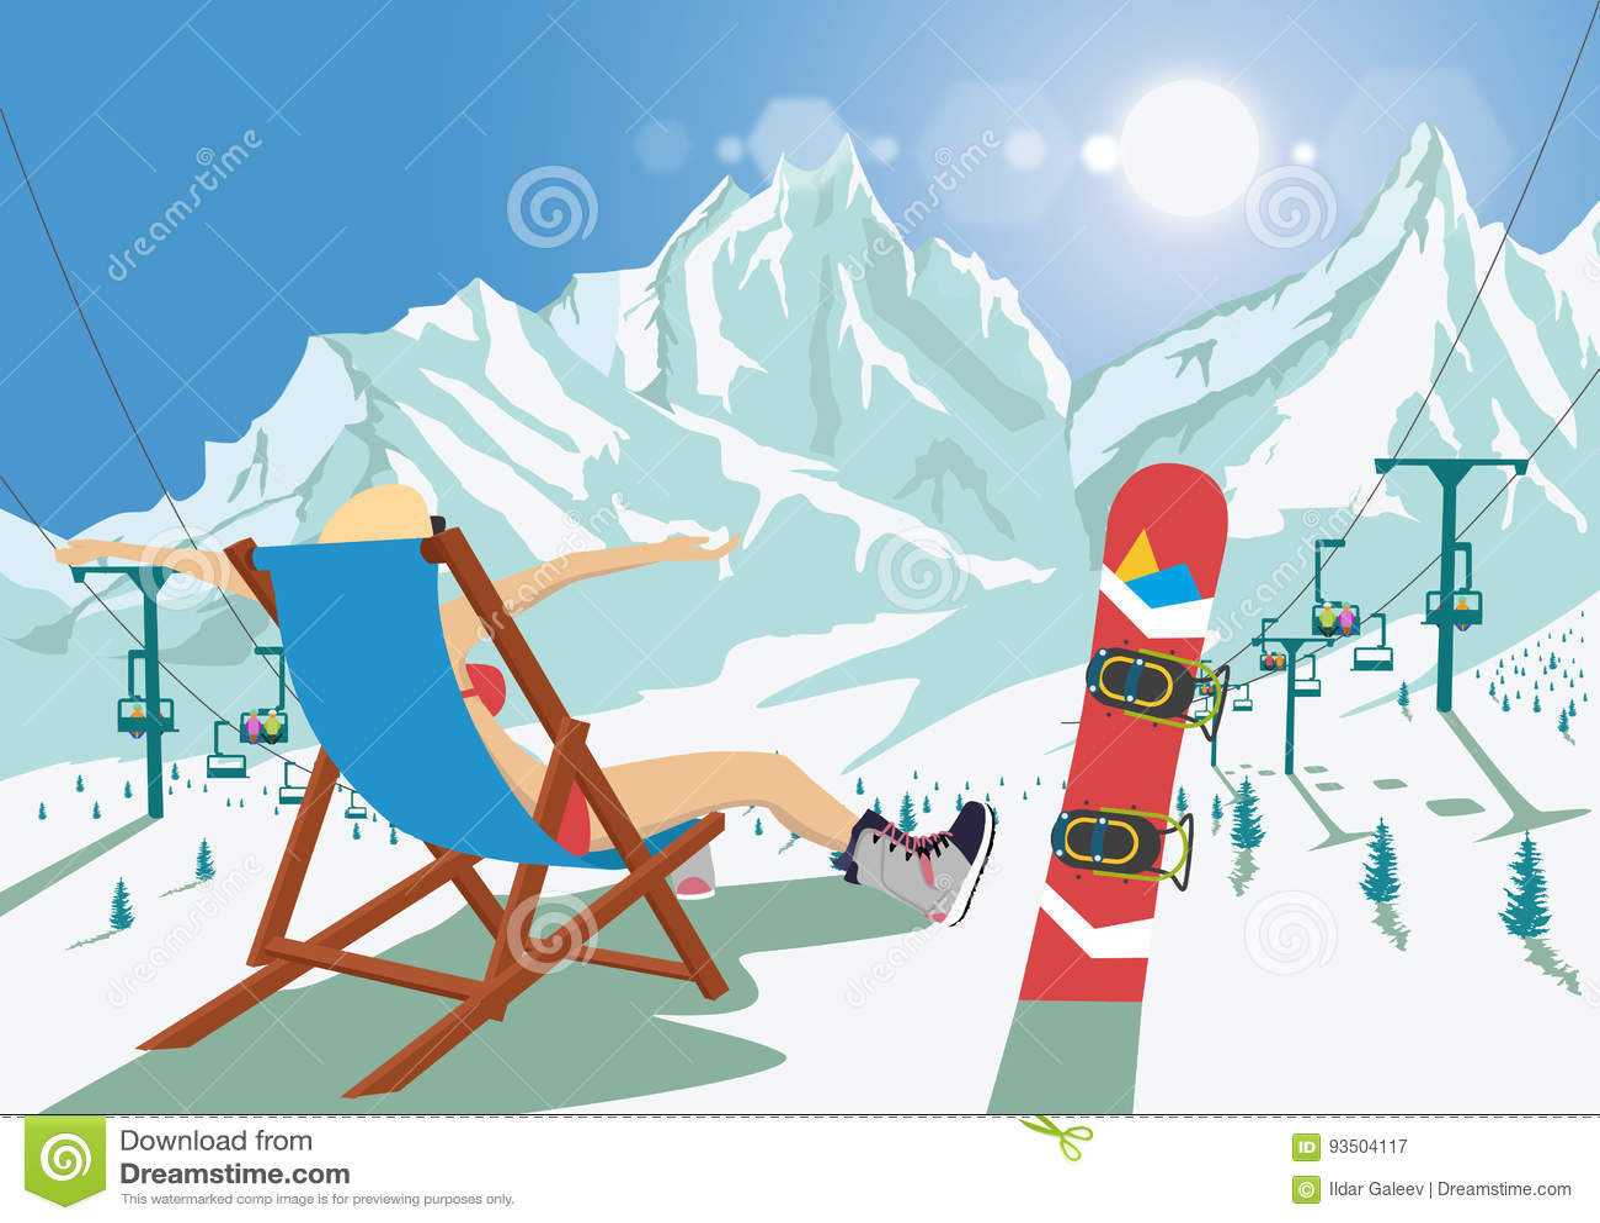 Θηλυκό snowboarder στη συνεδρίαση μπικινιών στη χαλάρωση καρεκλών γεφυρών στο χιονοδρομικό κέντρο βουνών Φωτεινός ανελκυστήρας κα